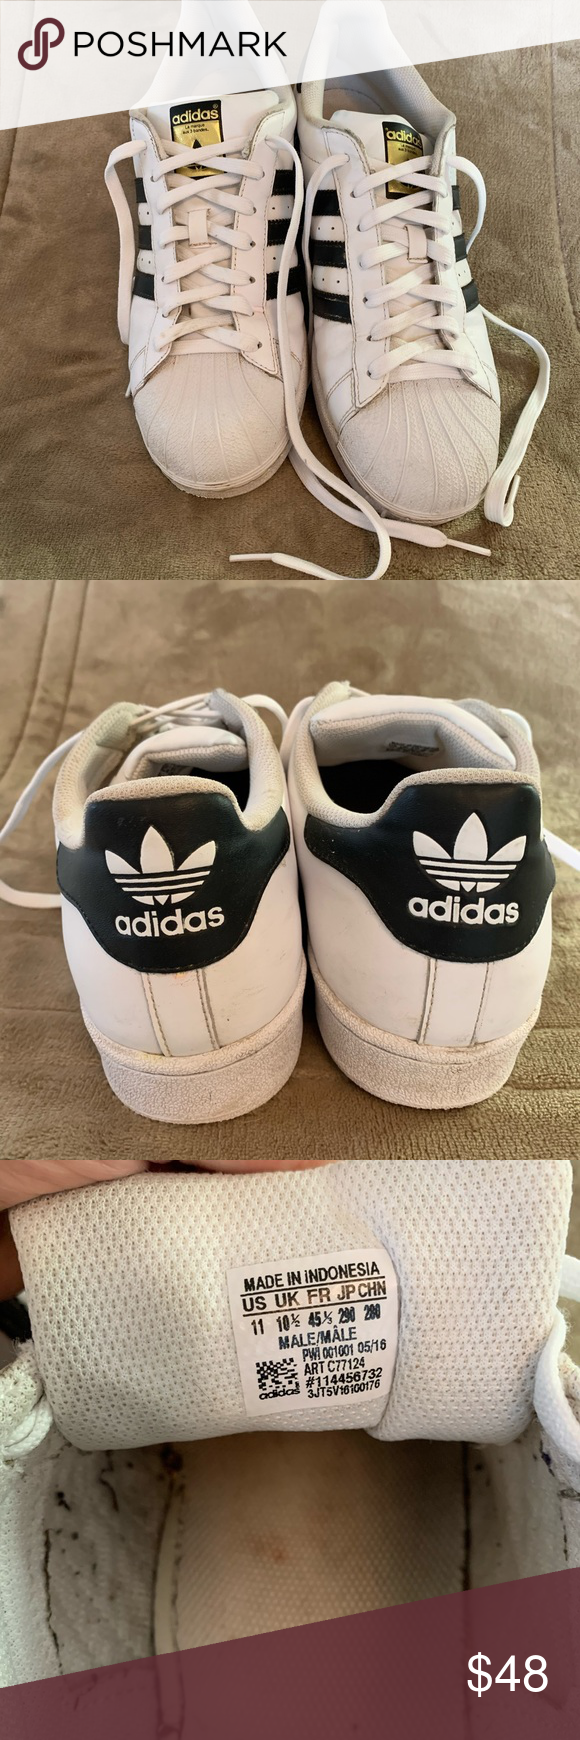 adidas original shoes men